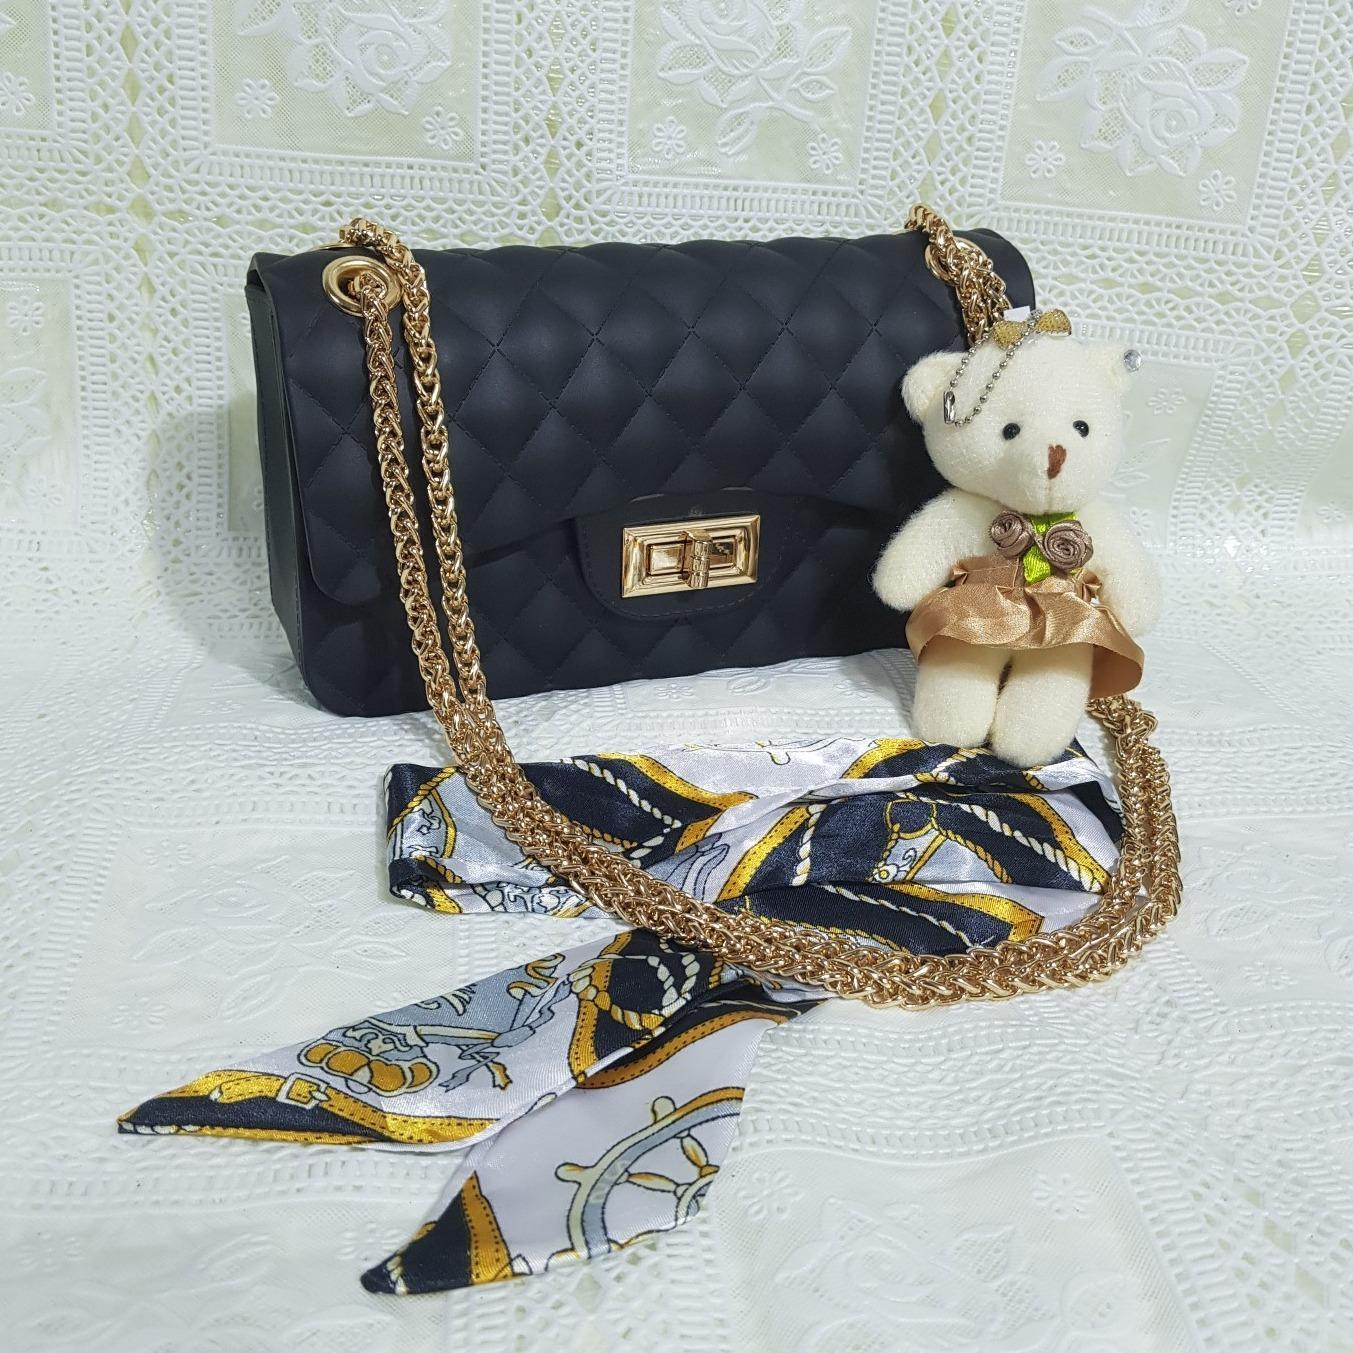 Harga Tas Jelly Matte 22Cm Jely Clasik Bag Free Syal Boneka Jeli Garis Kotak Bisa Bayar Di Tempat Termahal